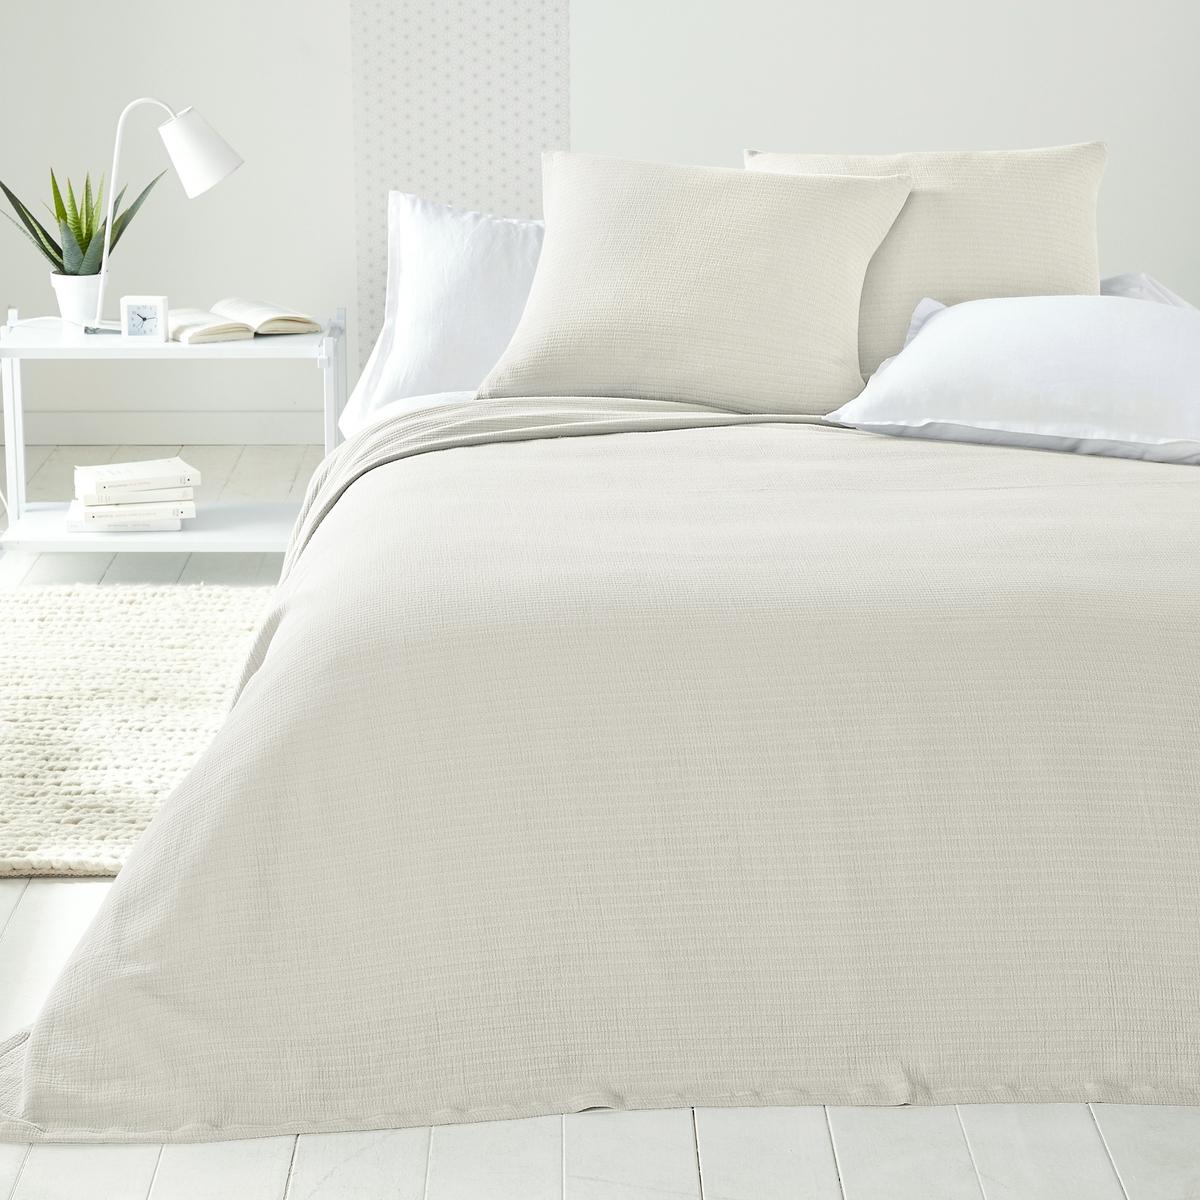 Покрывало для кровати IhlowПокрывало для кровати Ihlow с модным гофрированным эффектом . Характеристики покрывала для кровати Ihlow  :- 100% хлопок.Подшитые края.<br><br>Цвет: белый,желтый горчичный,зеленый,серо-бежевый,серый<br>Размер: 180 x 230  см.180 x 230  см.150 x 150  см.150 x 150  см.230 x 250  см